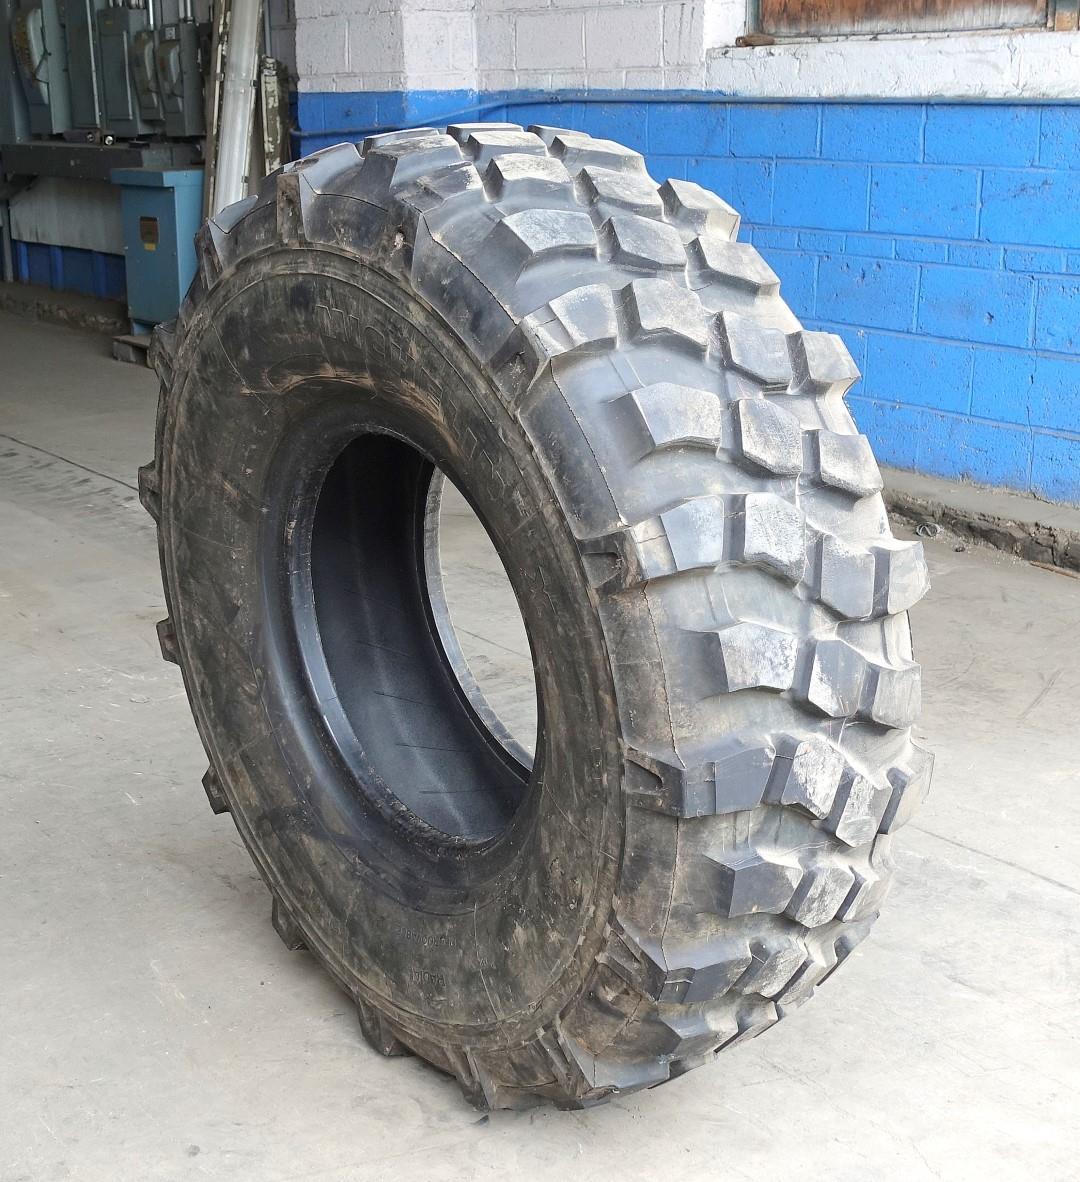 Michelin X Xml 395 85r20 Tire With 50 75 Average Tread Condition Used